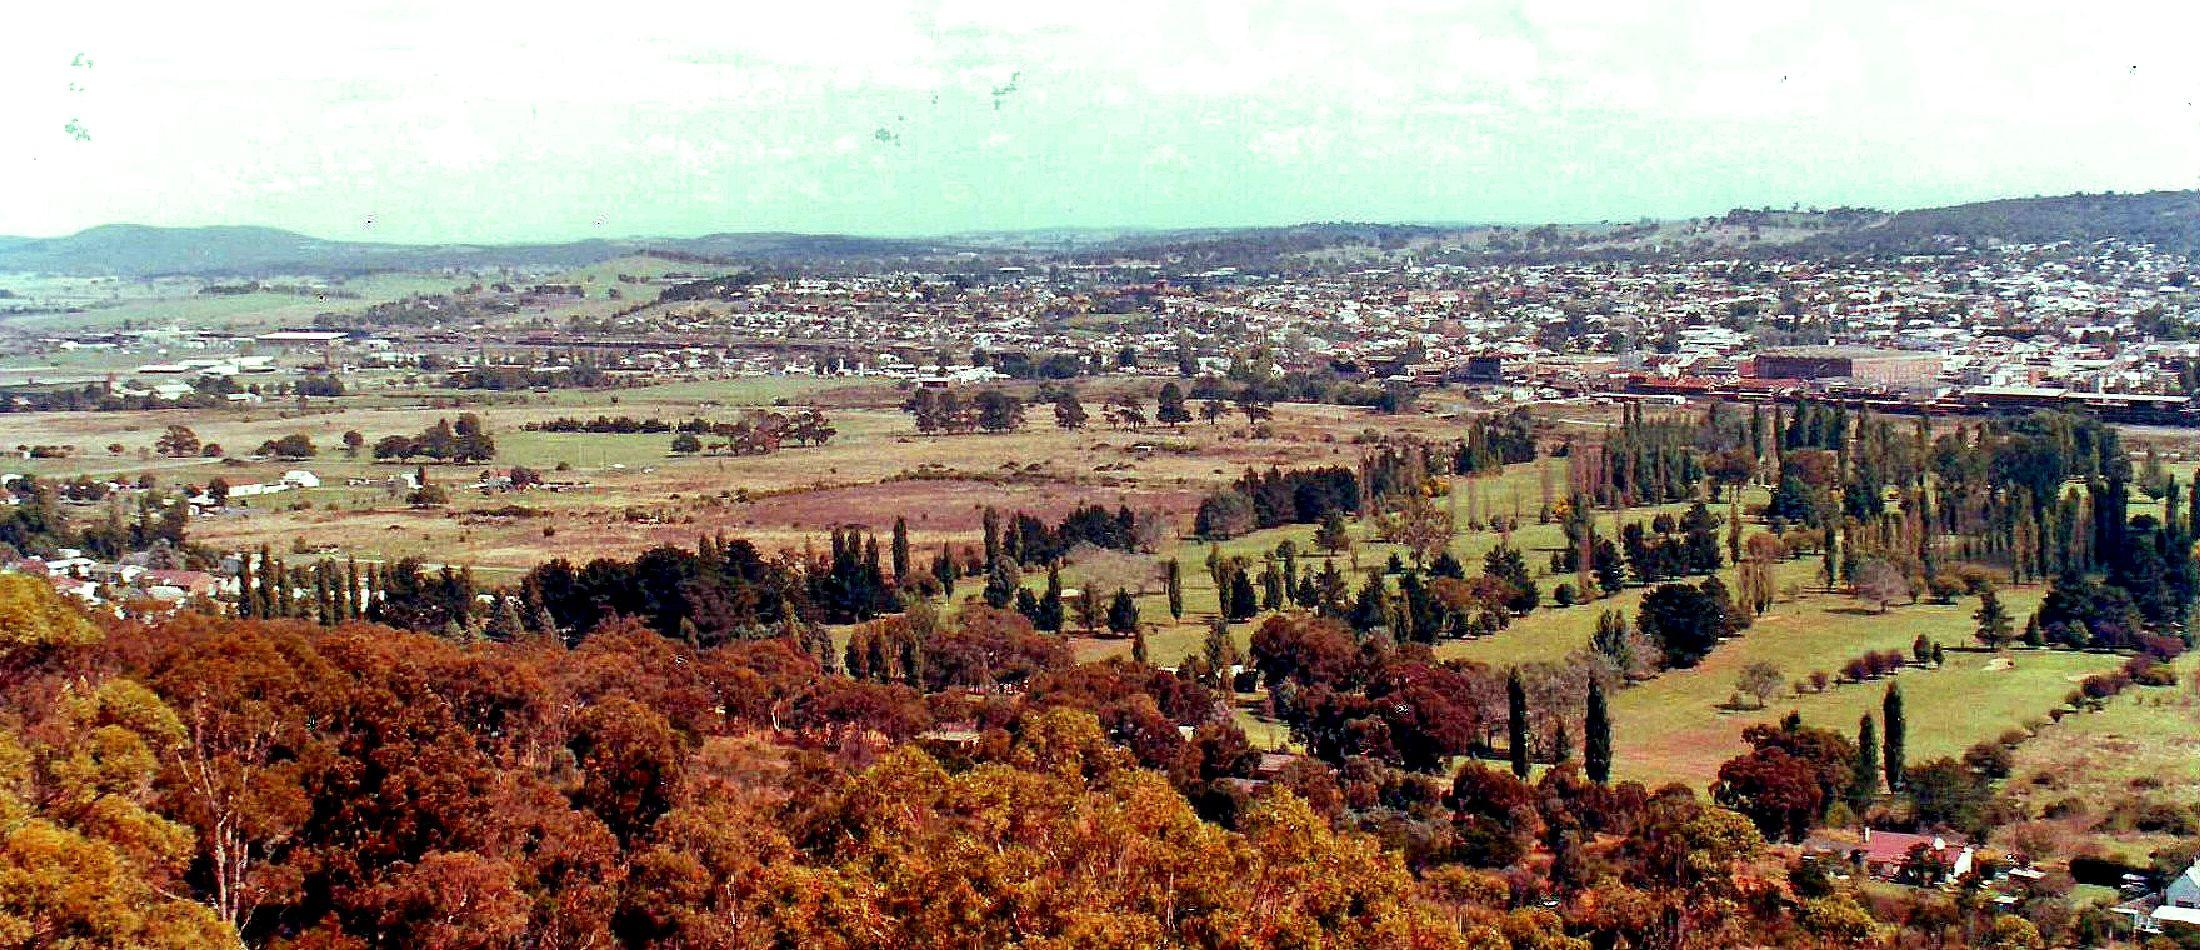 Goulburn NSW (1985) Australia travel, Natural landmarks